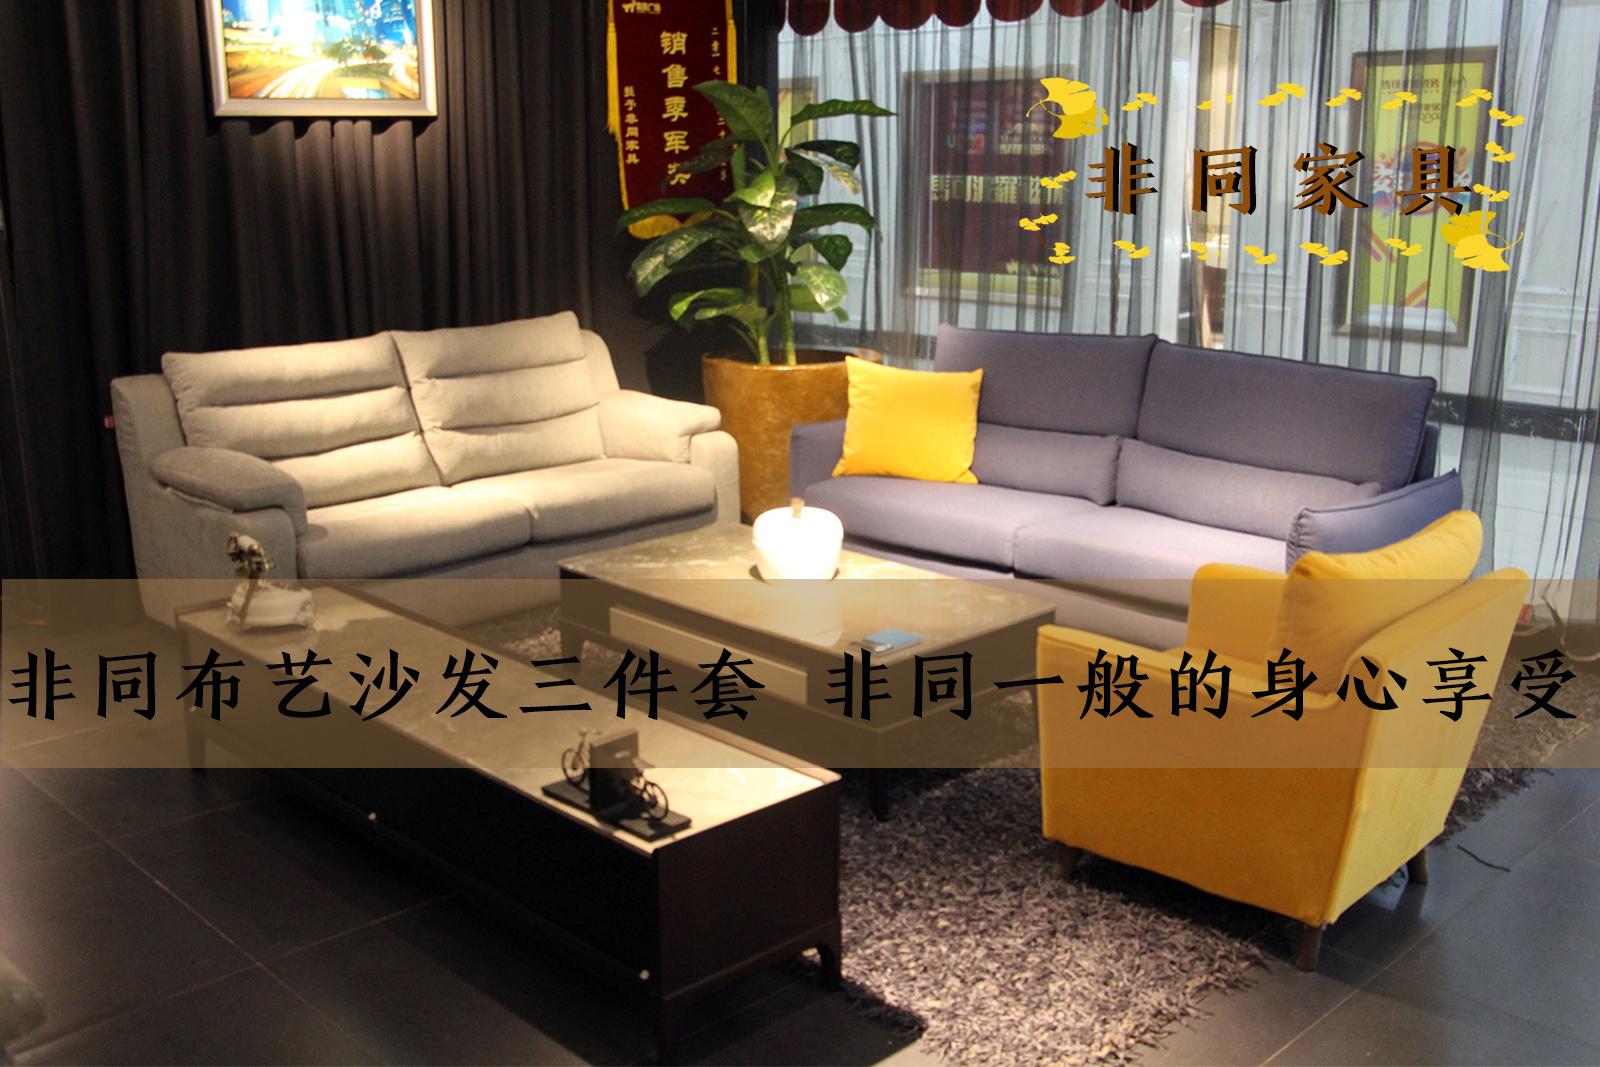 非同布艺沙发三件套  带来非同一般的身心享受